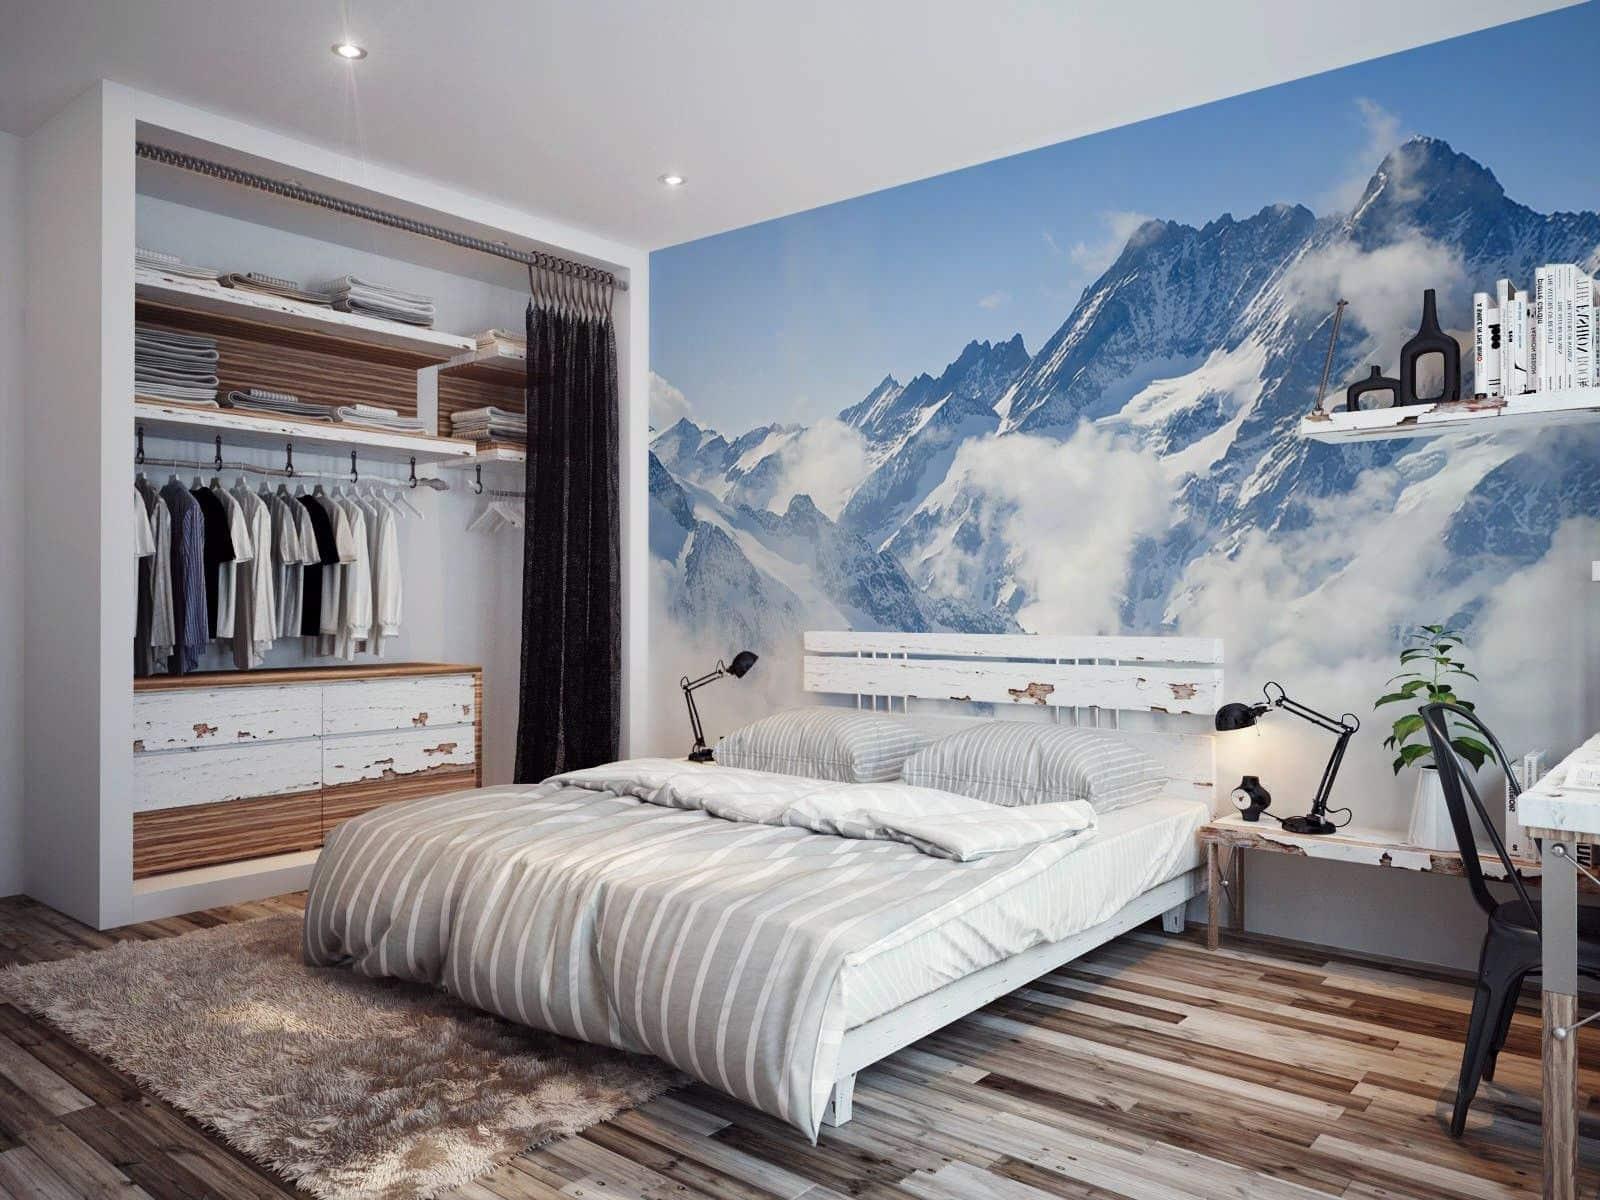 Intérieur de chambre pittoresque de style écologique